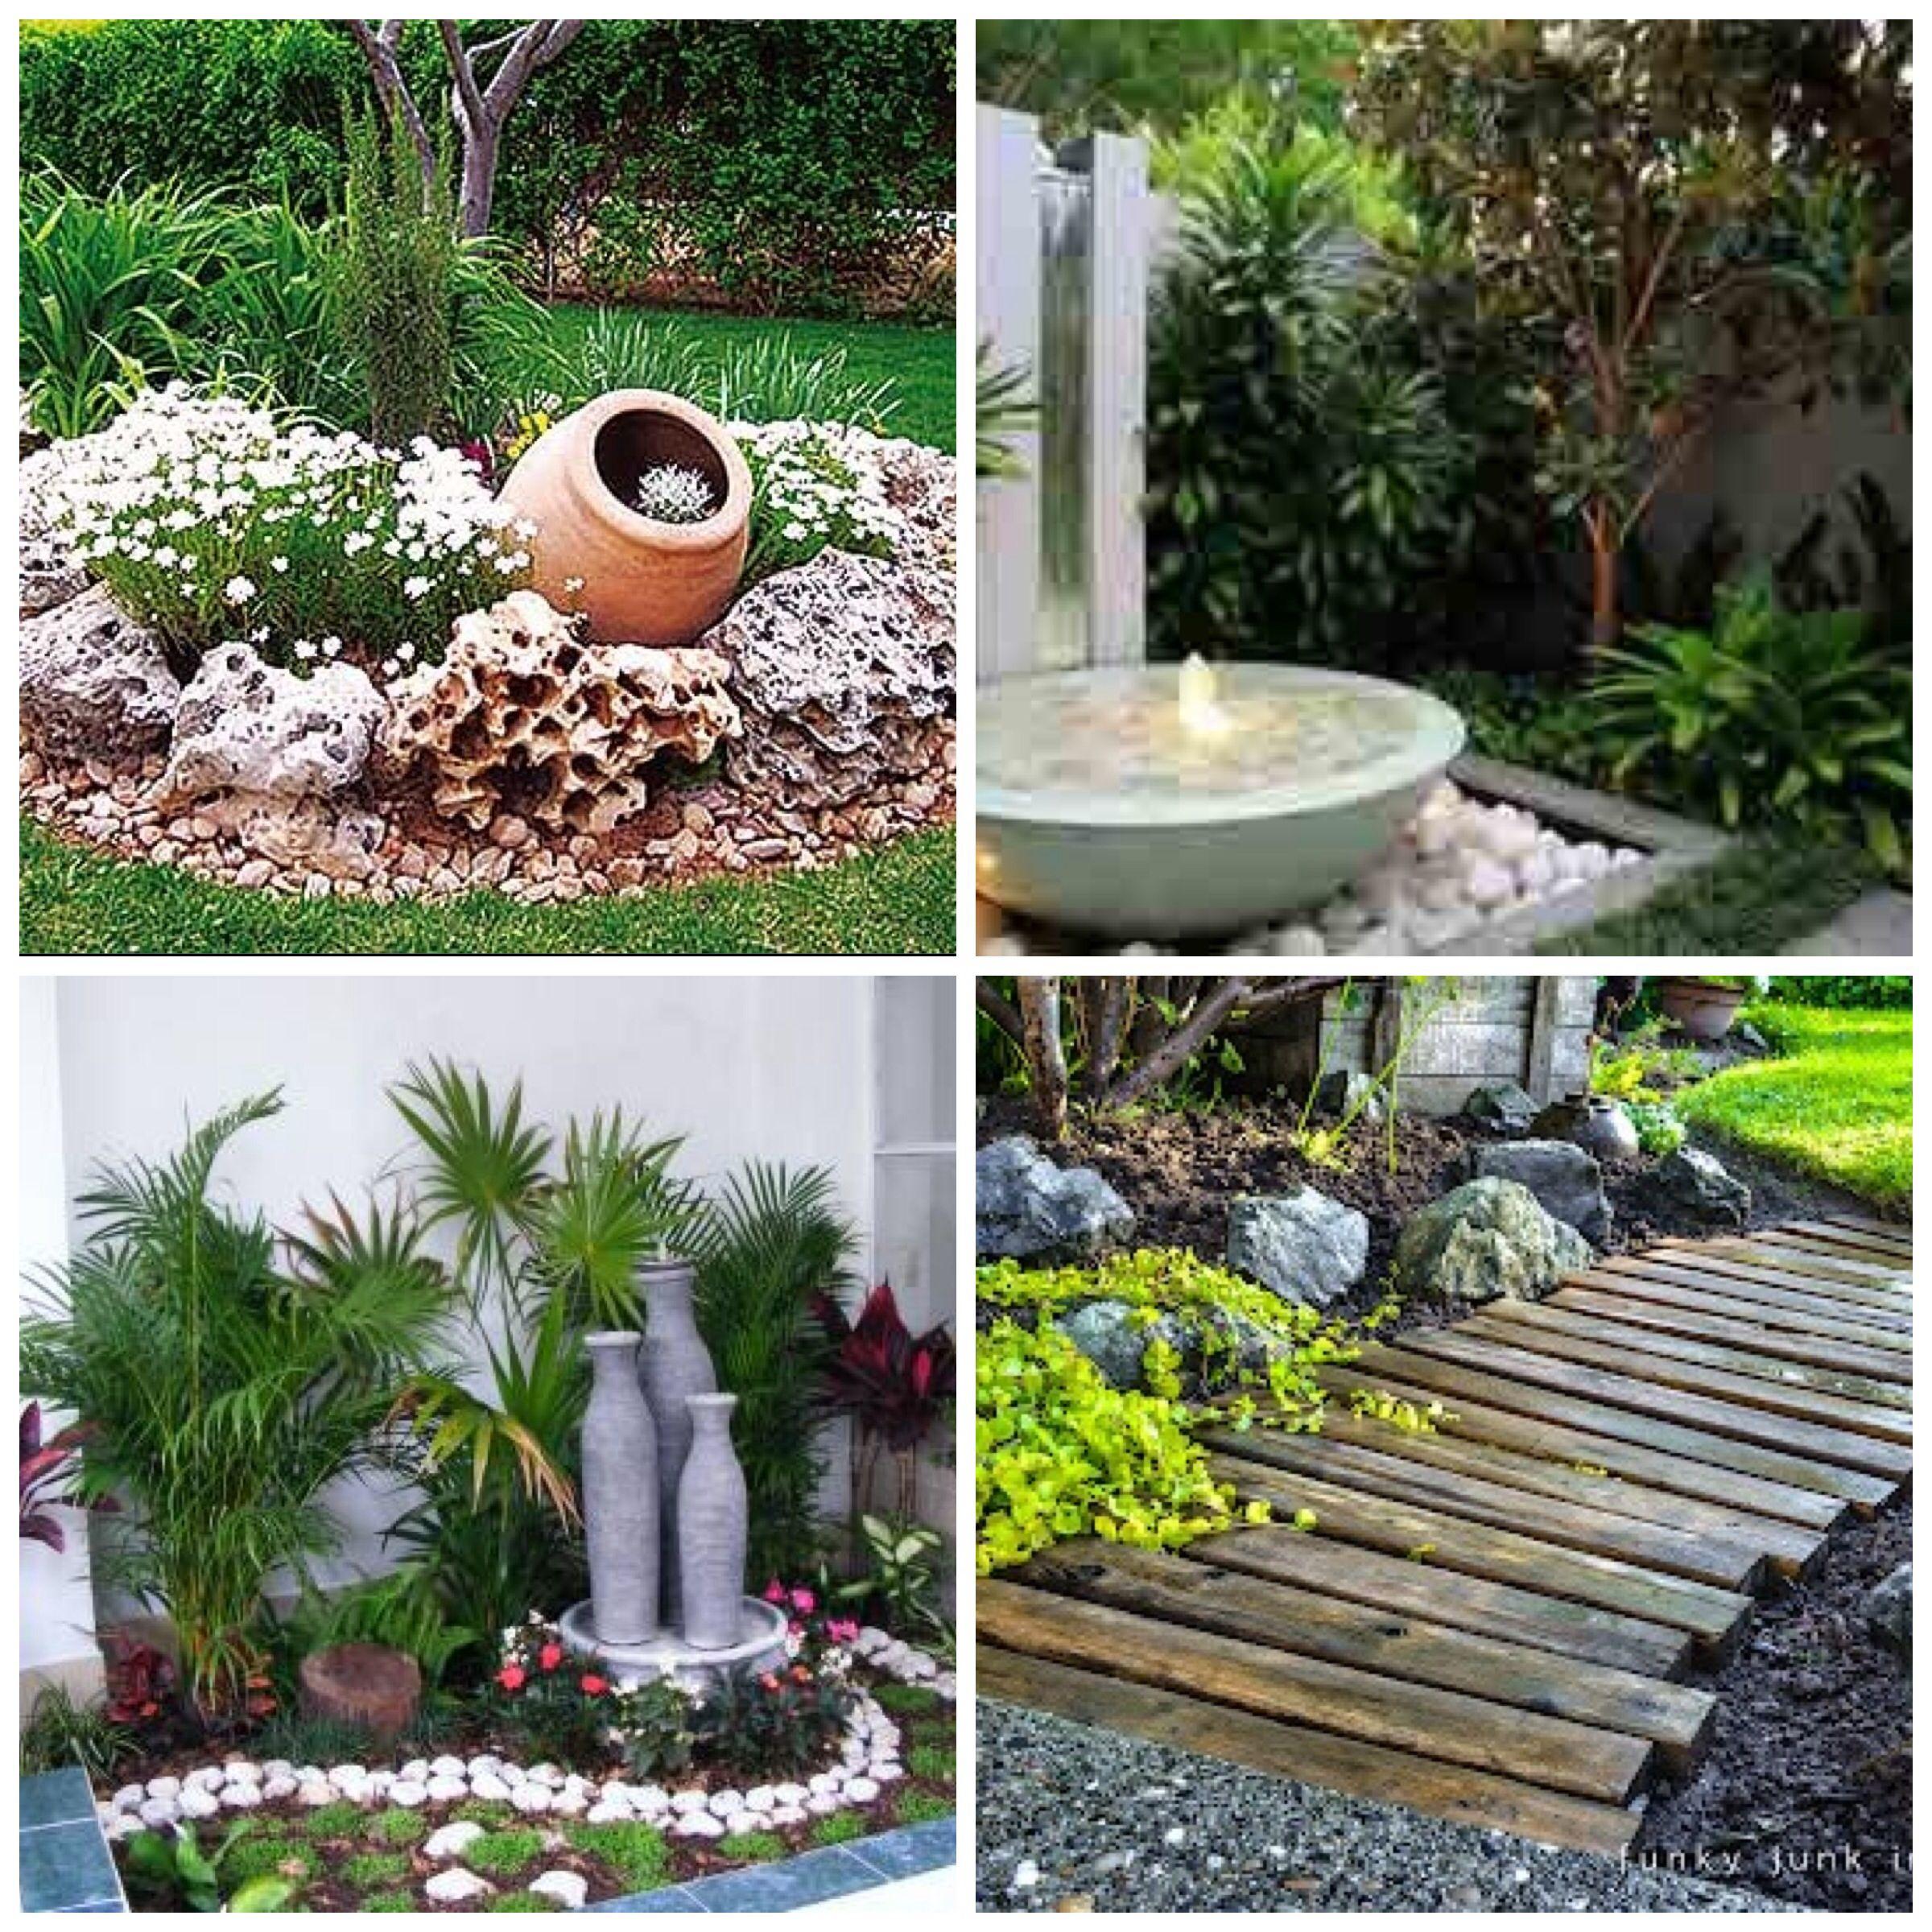 Dise o de jardines casa y jardiner a pinterest - Diseno jardines y exteriores 3d ...